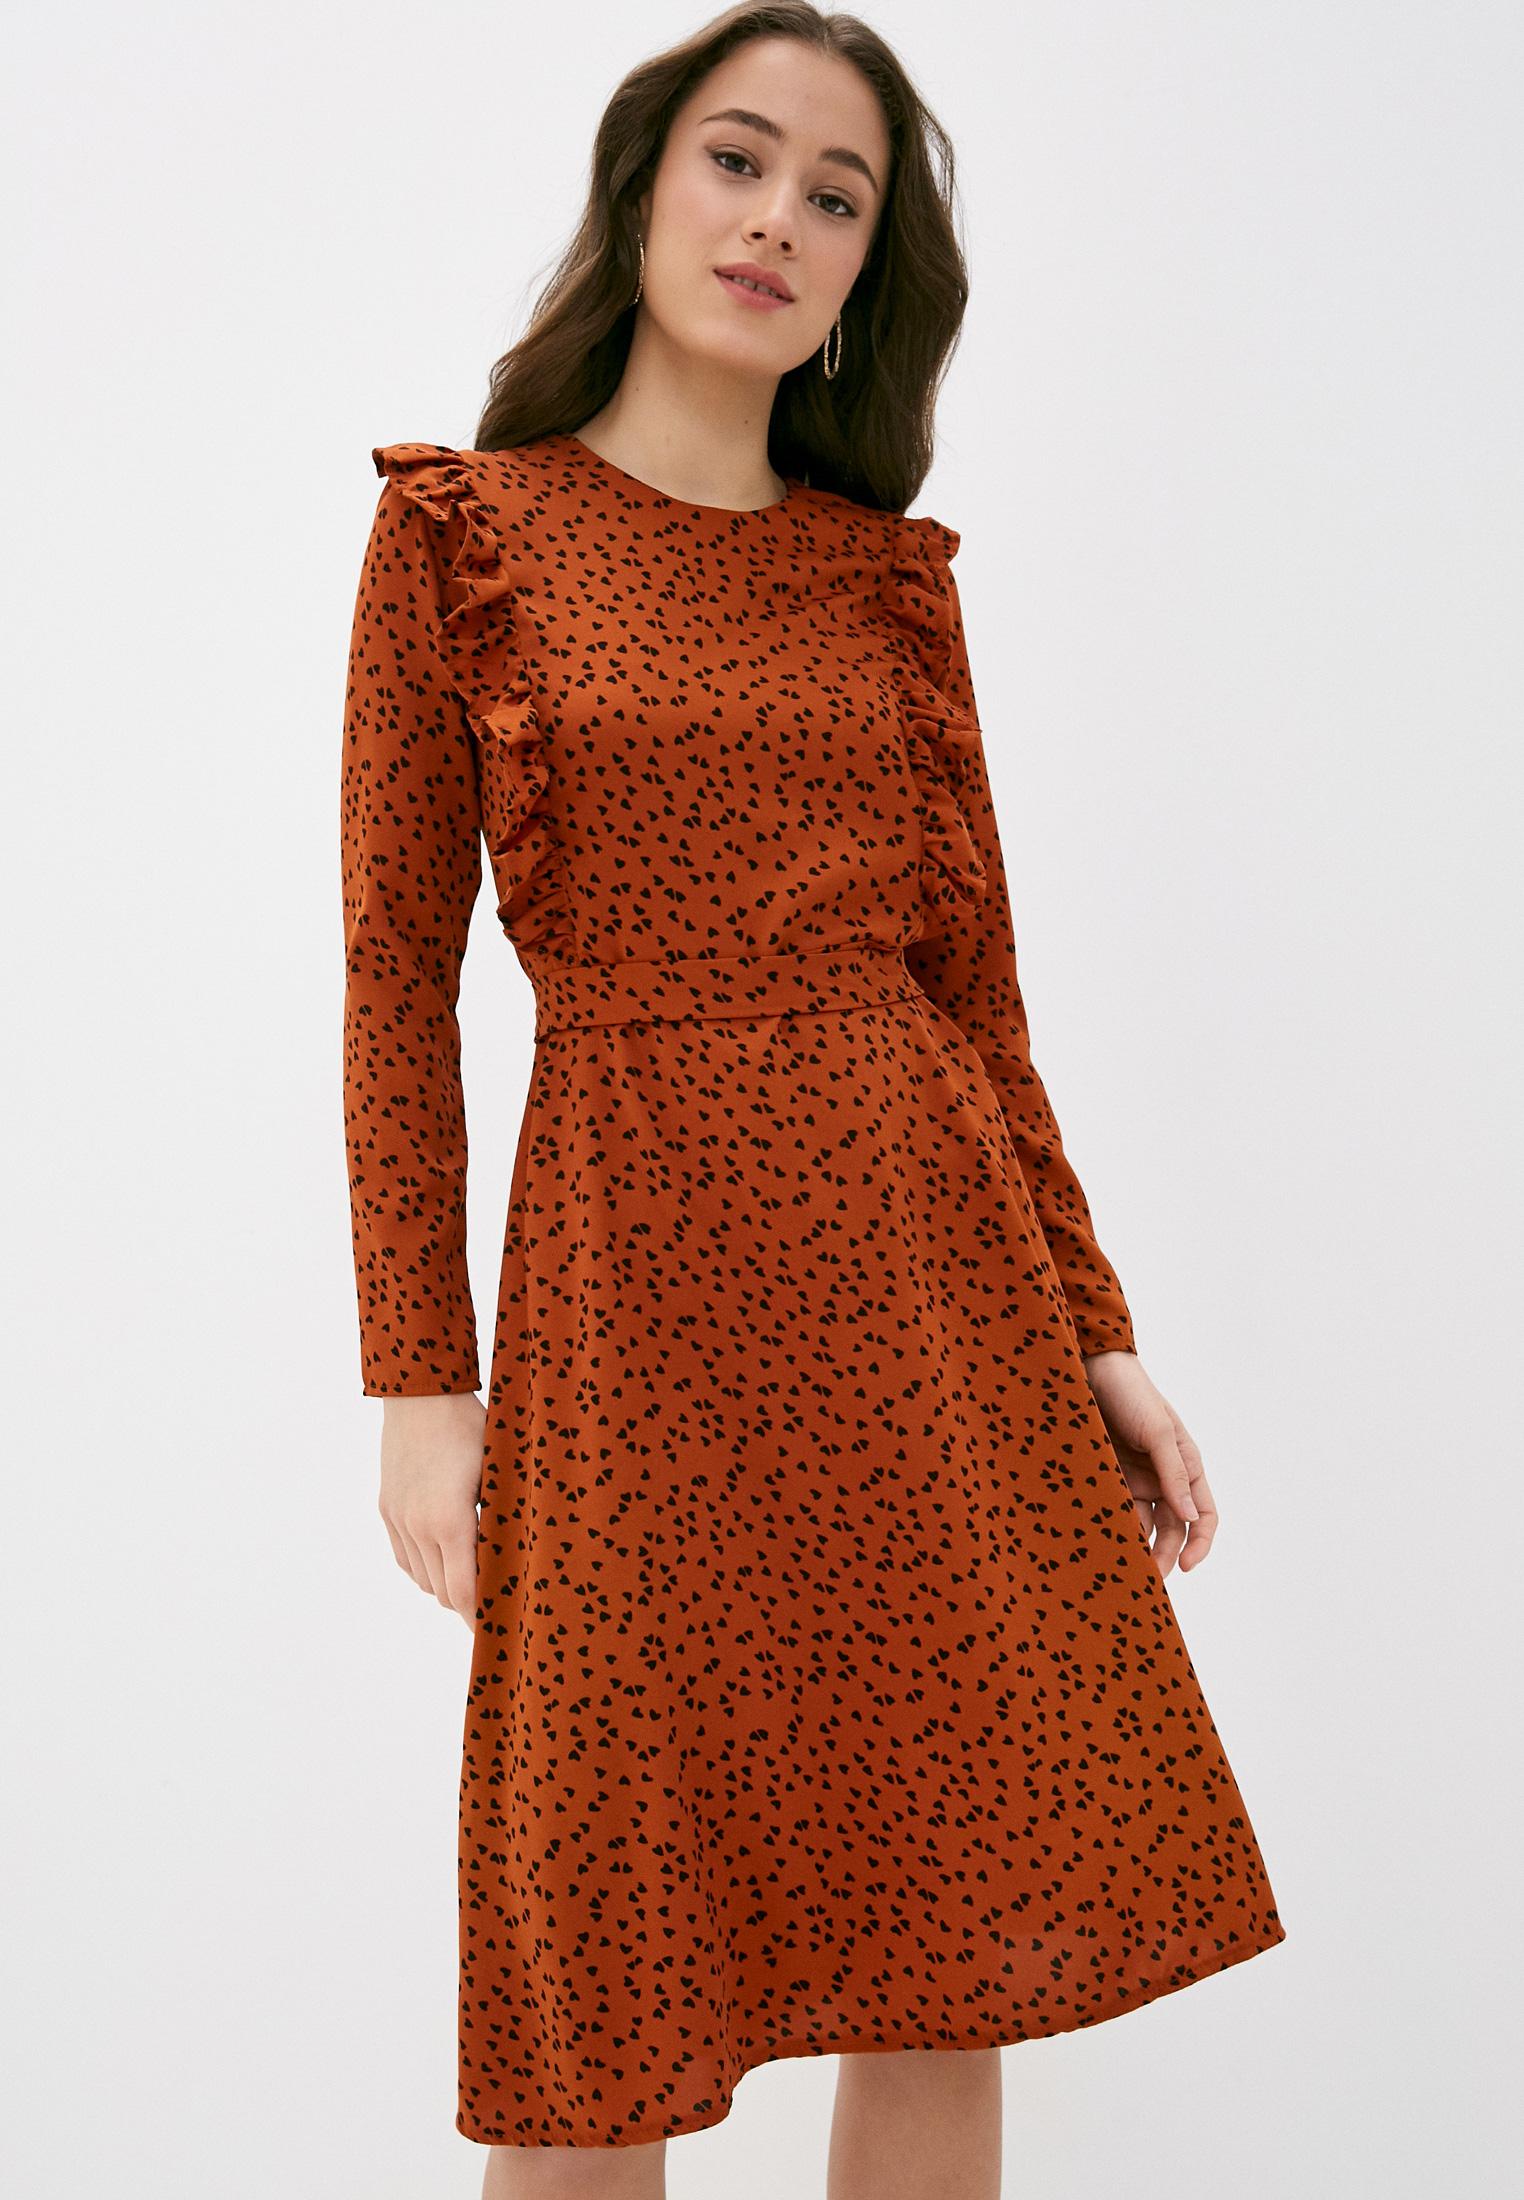 Платье Dunia DU21-33-2